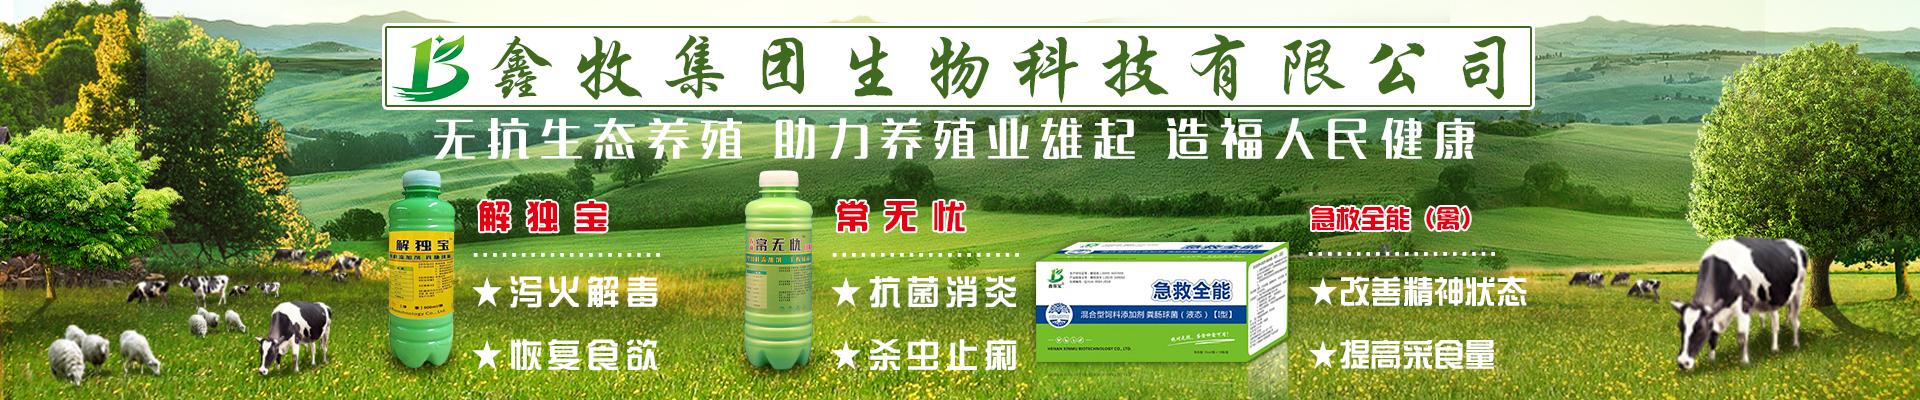 河南鑫牧生物科技有限公司